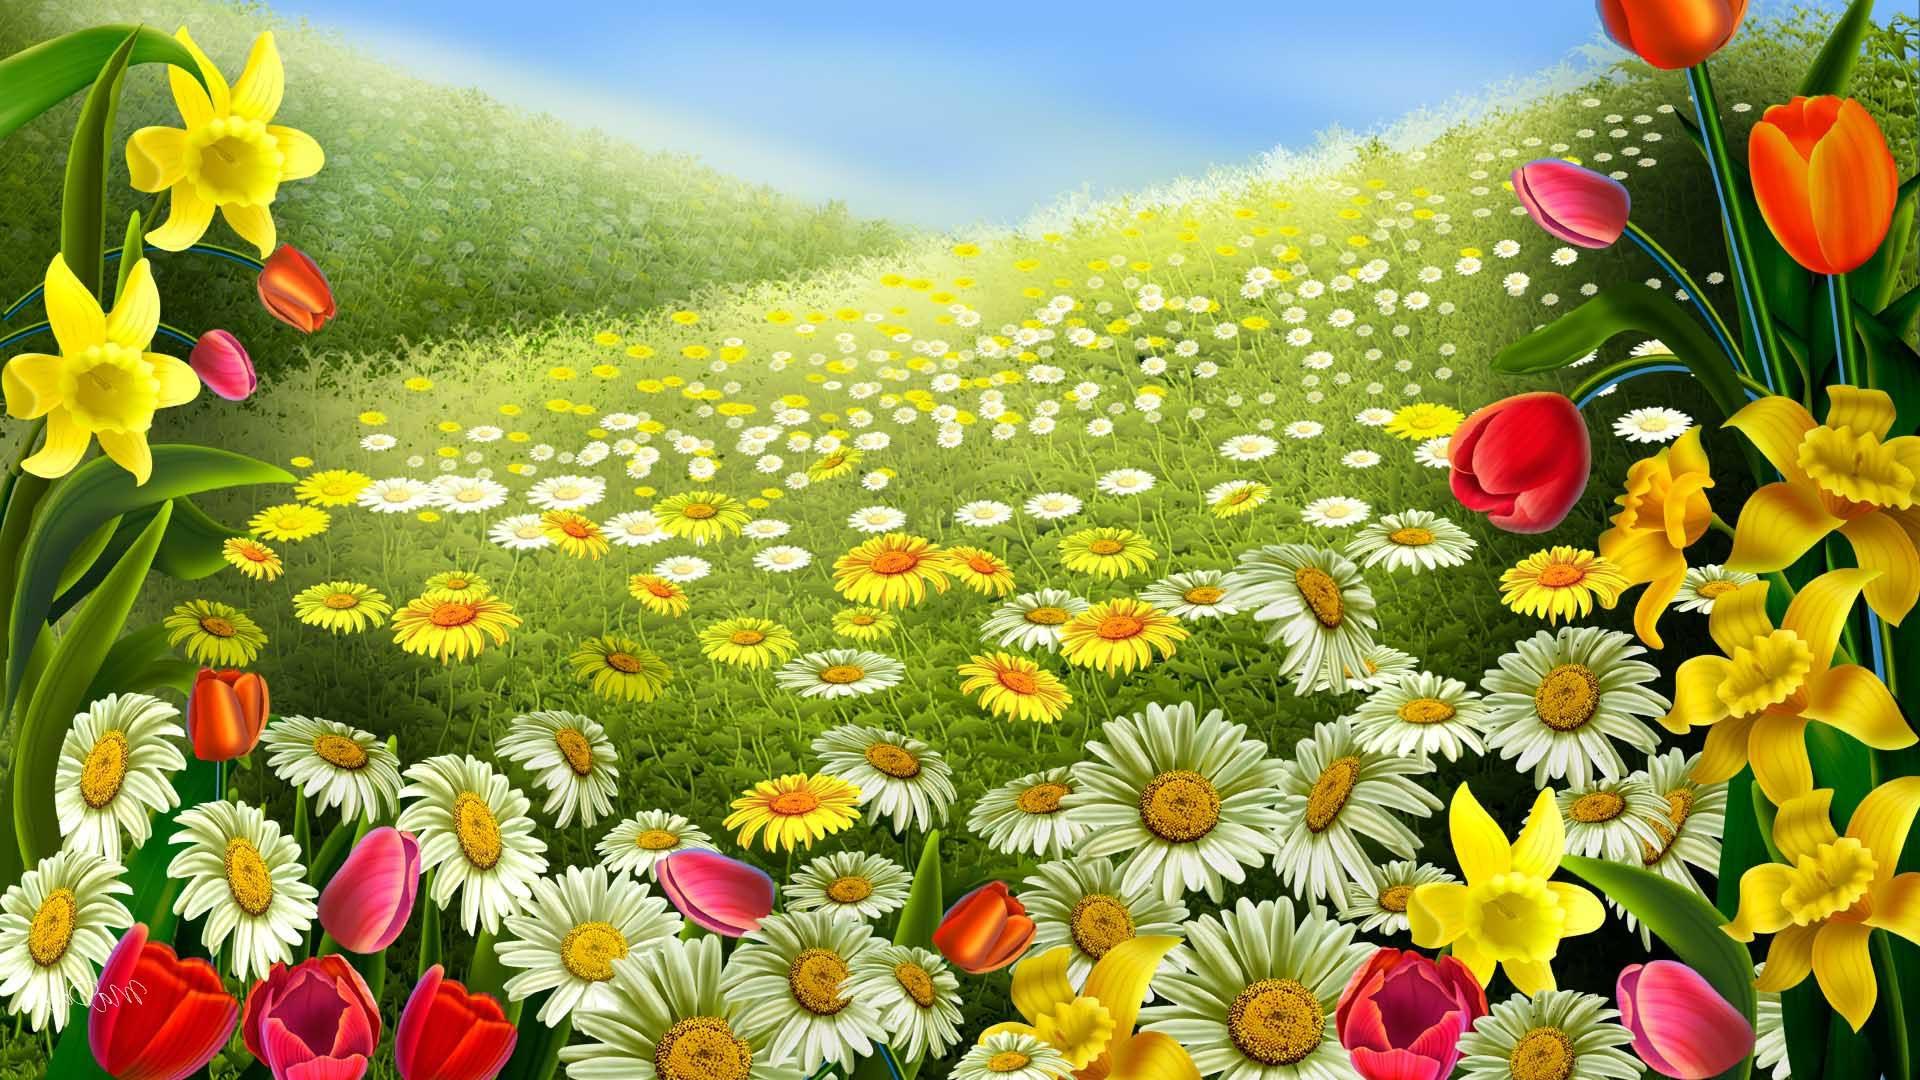 Colorful Flowers Spring Desktop Backgrounds